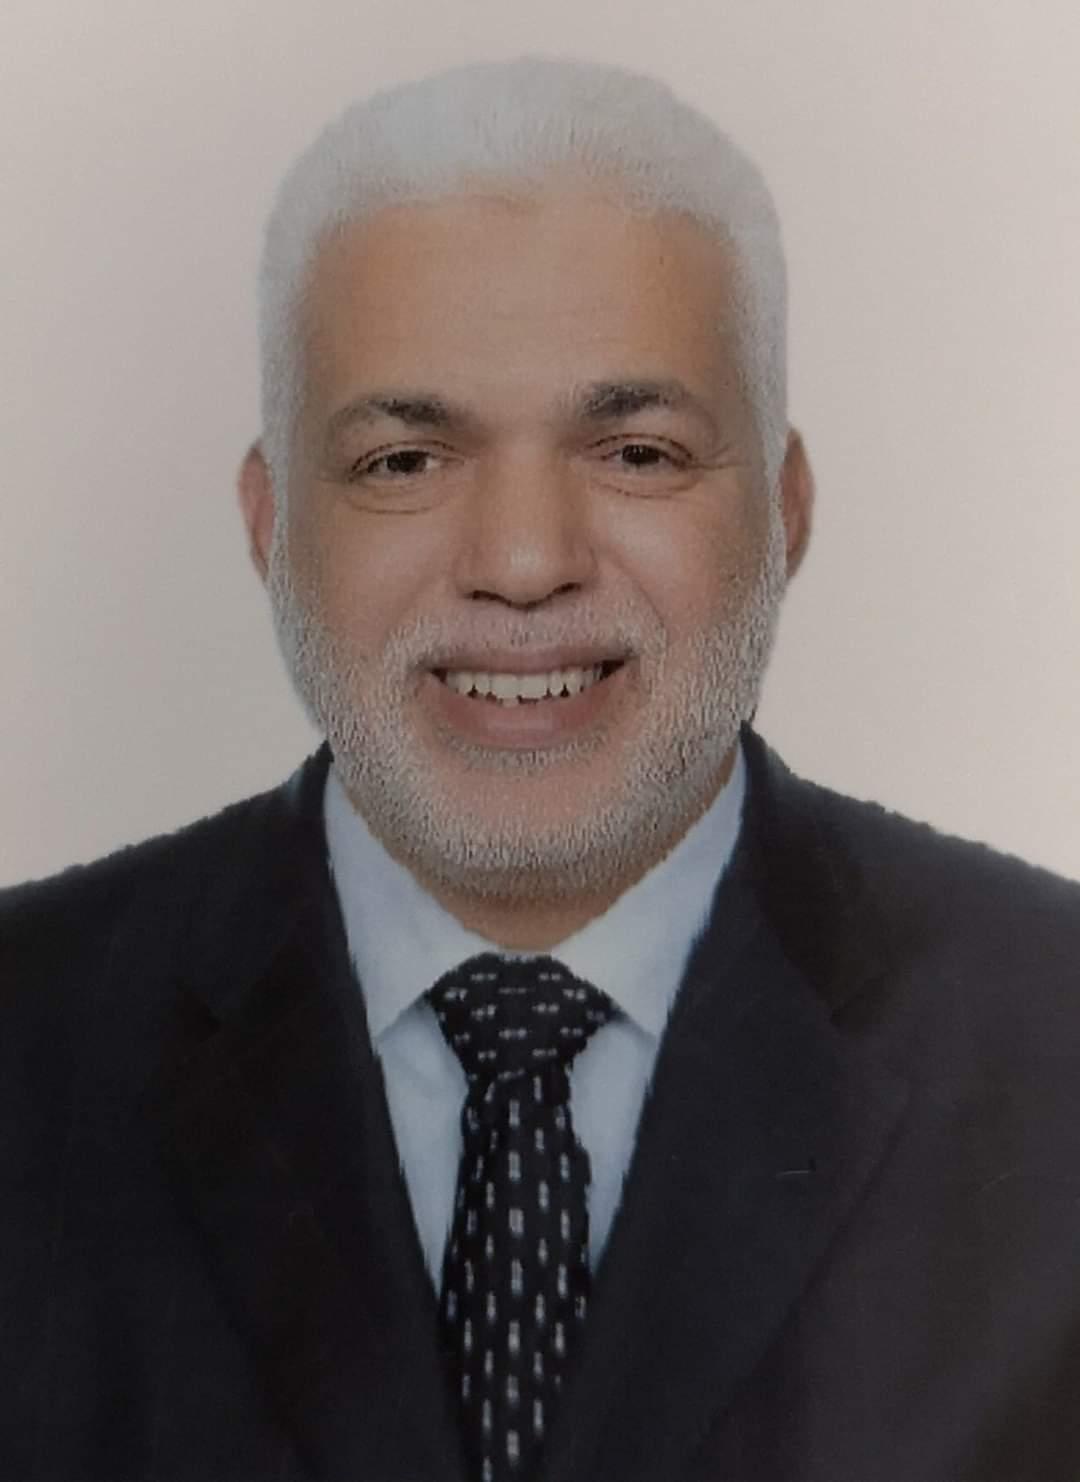 احجز مع د/اشرف اسماعيل